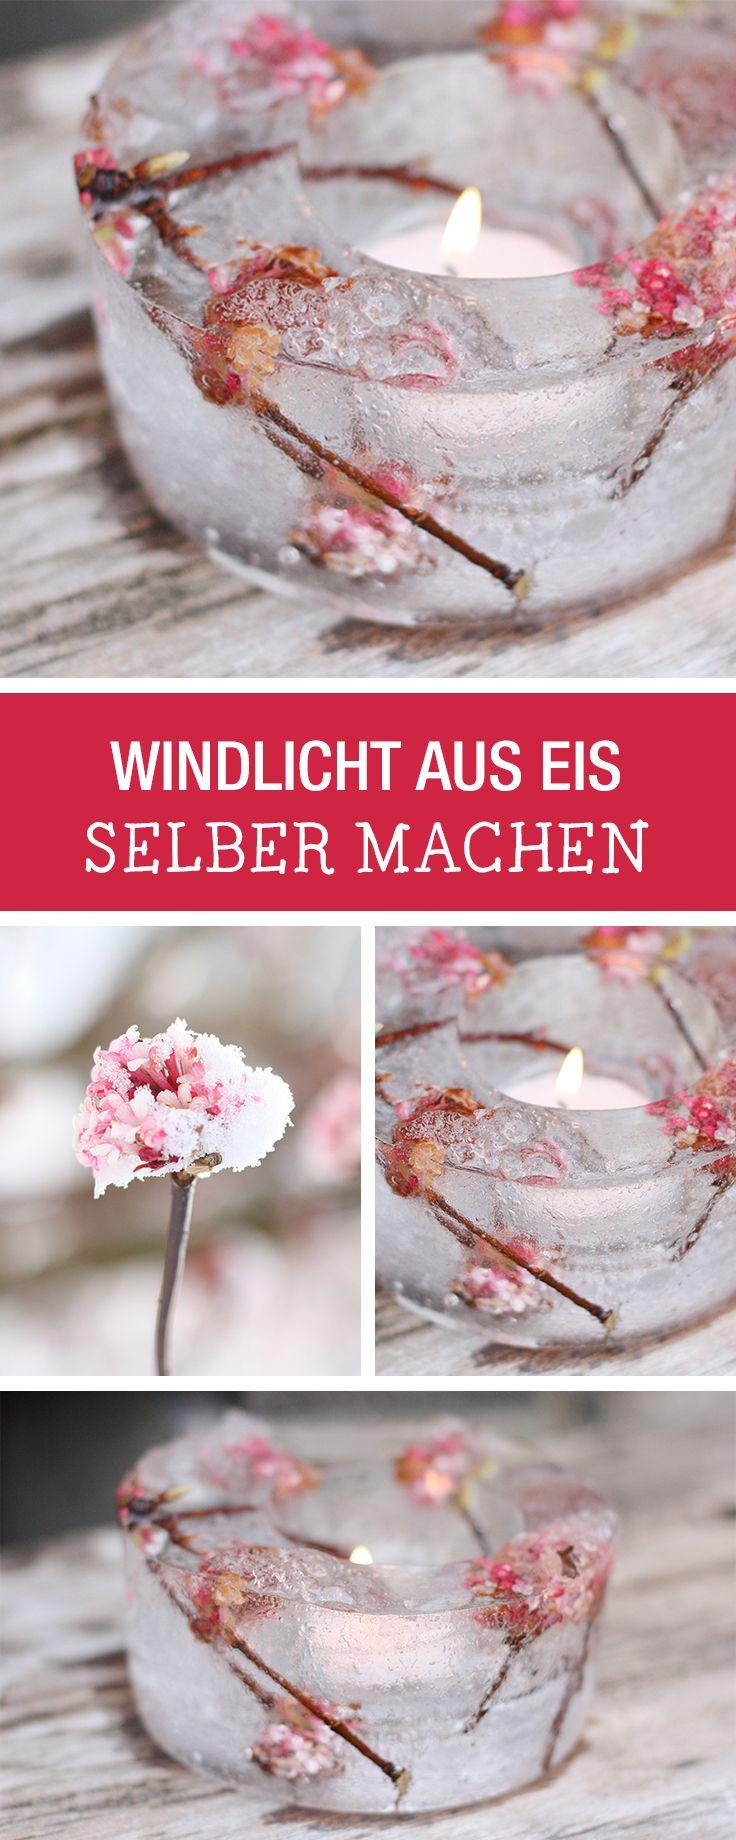 Tischdeko naturmaterialien winter geburtstag  Die besten 25+ Weihnachtsdeko aus naturmaterialien Ideen auf Pinterest